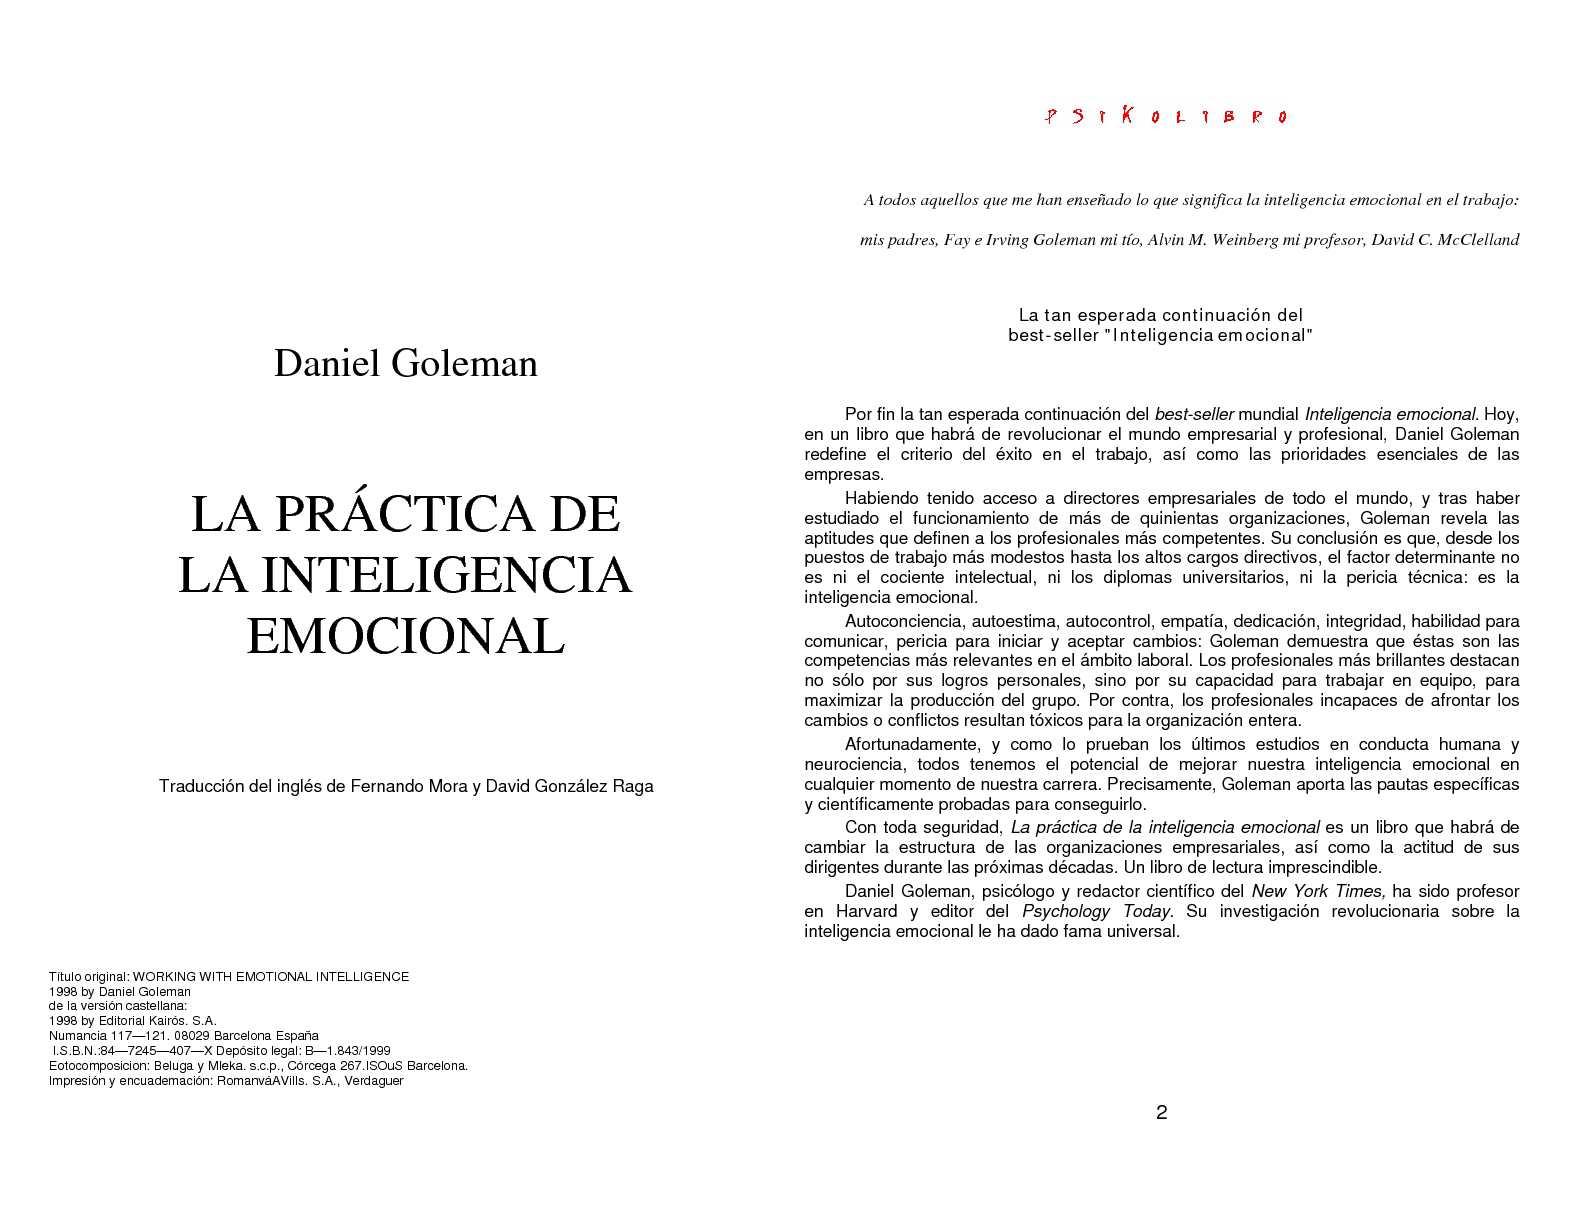 Calaméo - daniel goleman - la inteligencia emocional en la practica